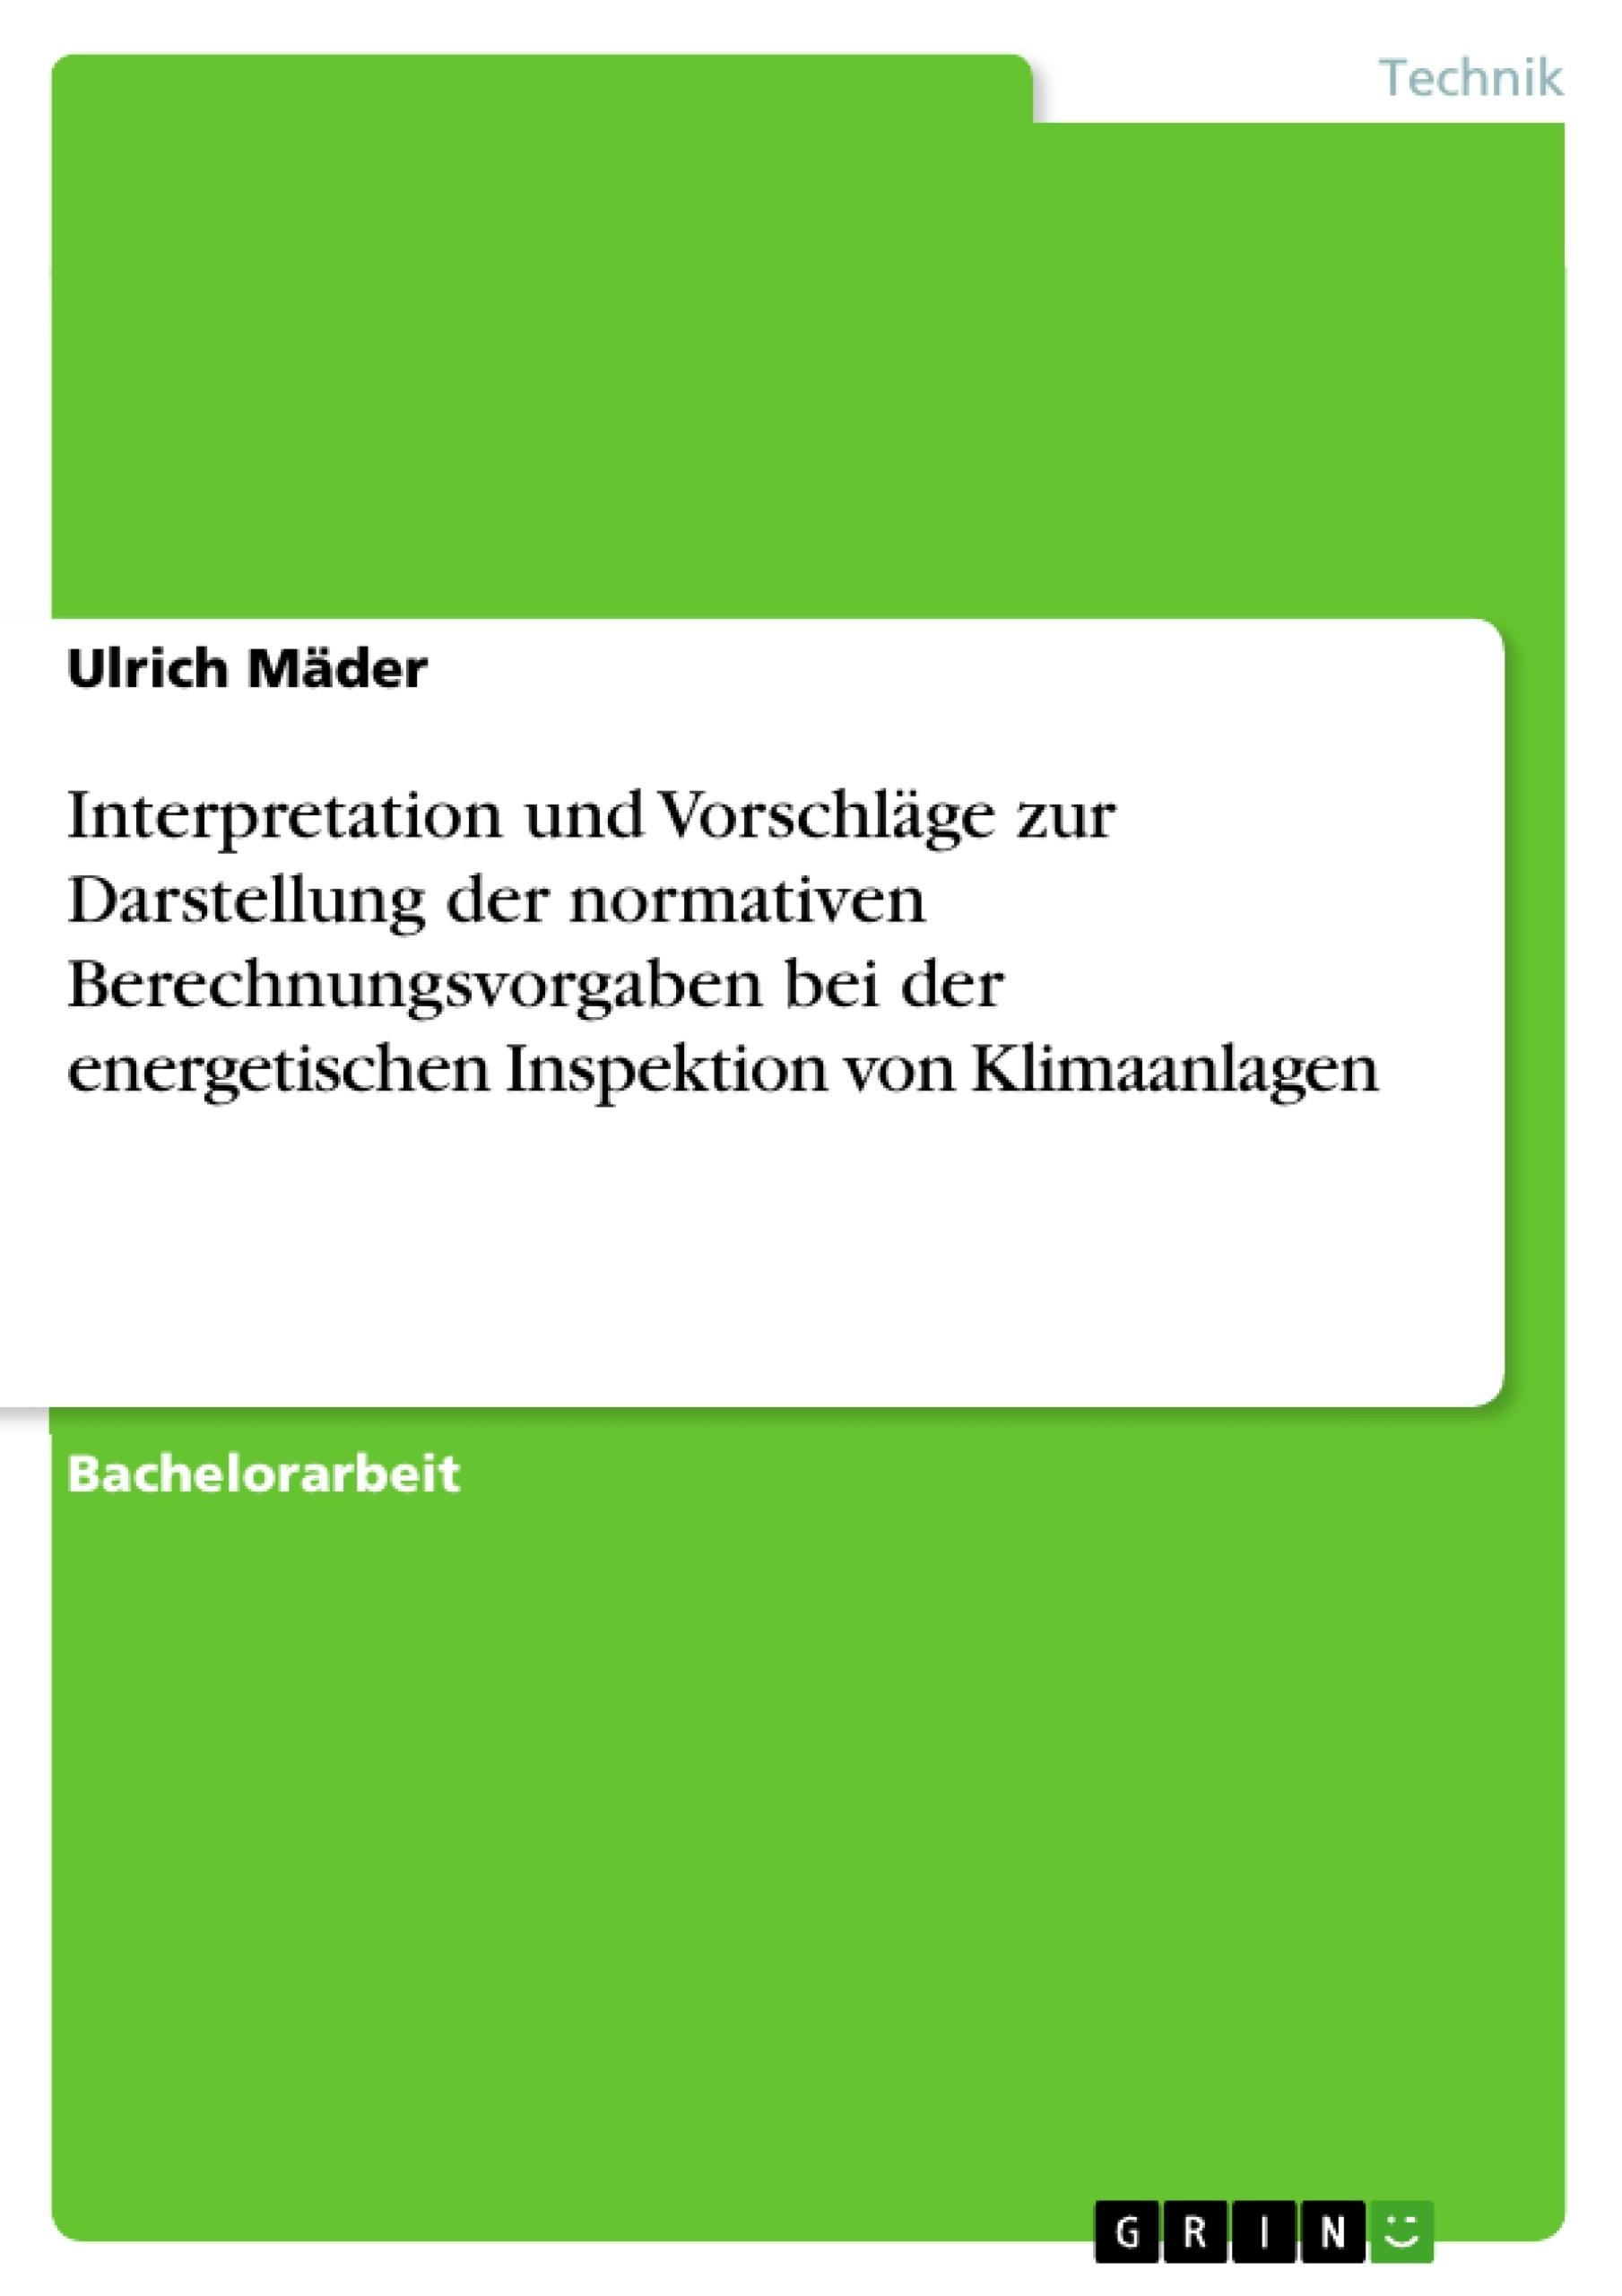 Titel: Interpretation und Vorschläge zur Darstellung der normativen Berechnungsvorgaben bei der energetischen Inspektion von Klimaanlagen